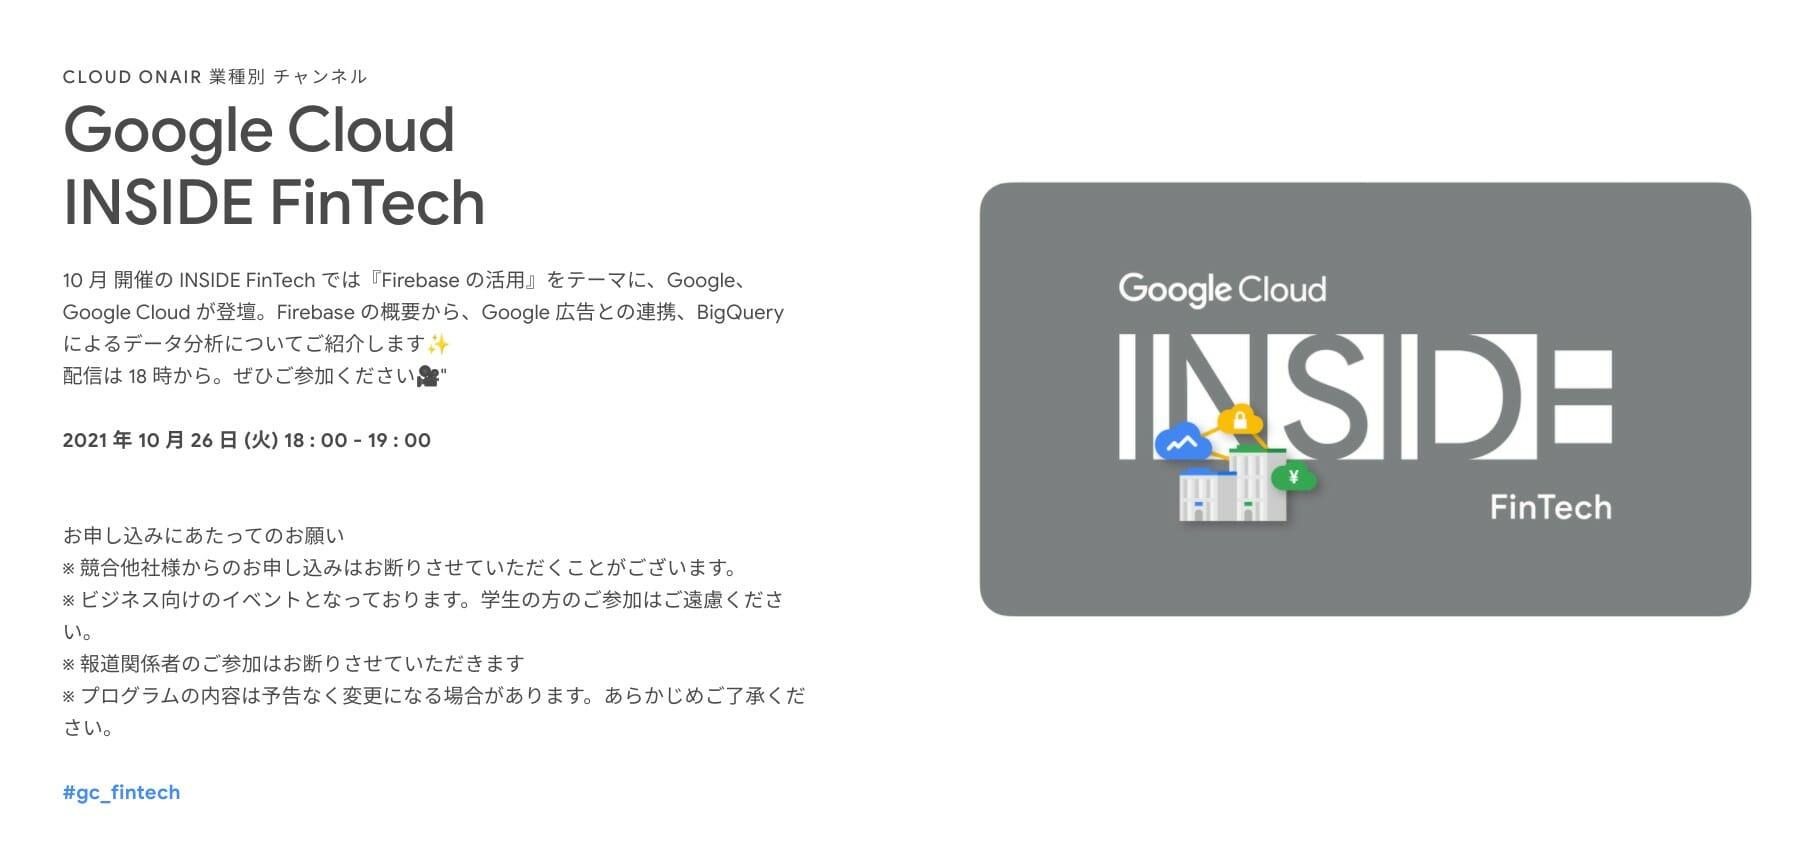 [GCP] Google Cloud INSIDE FinTech